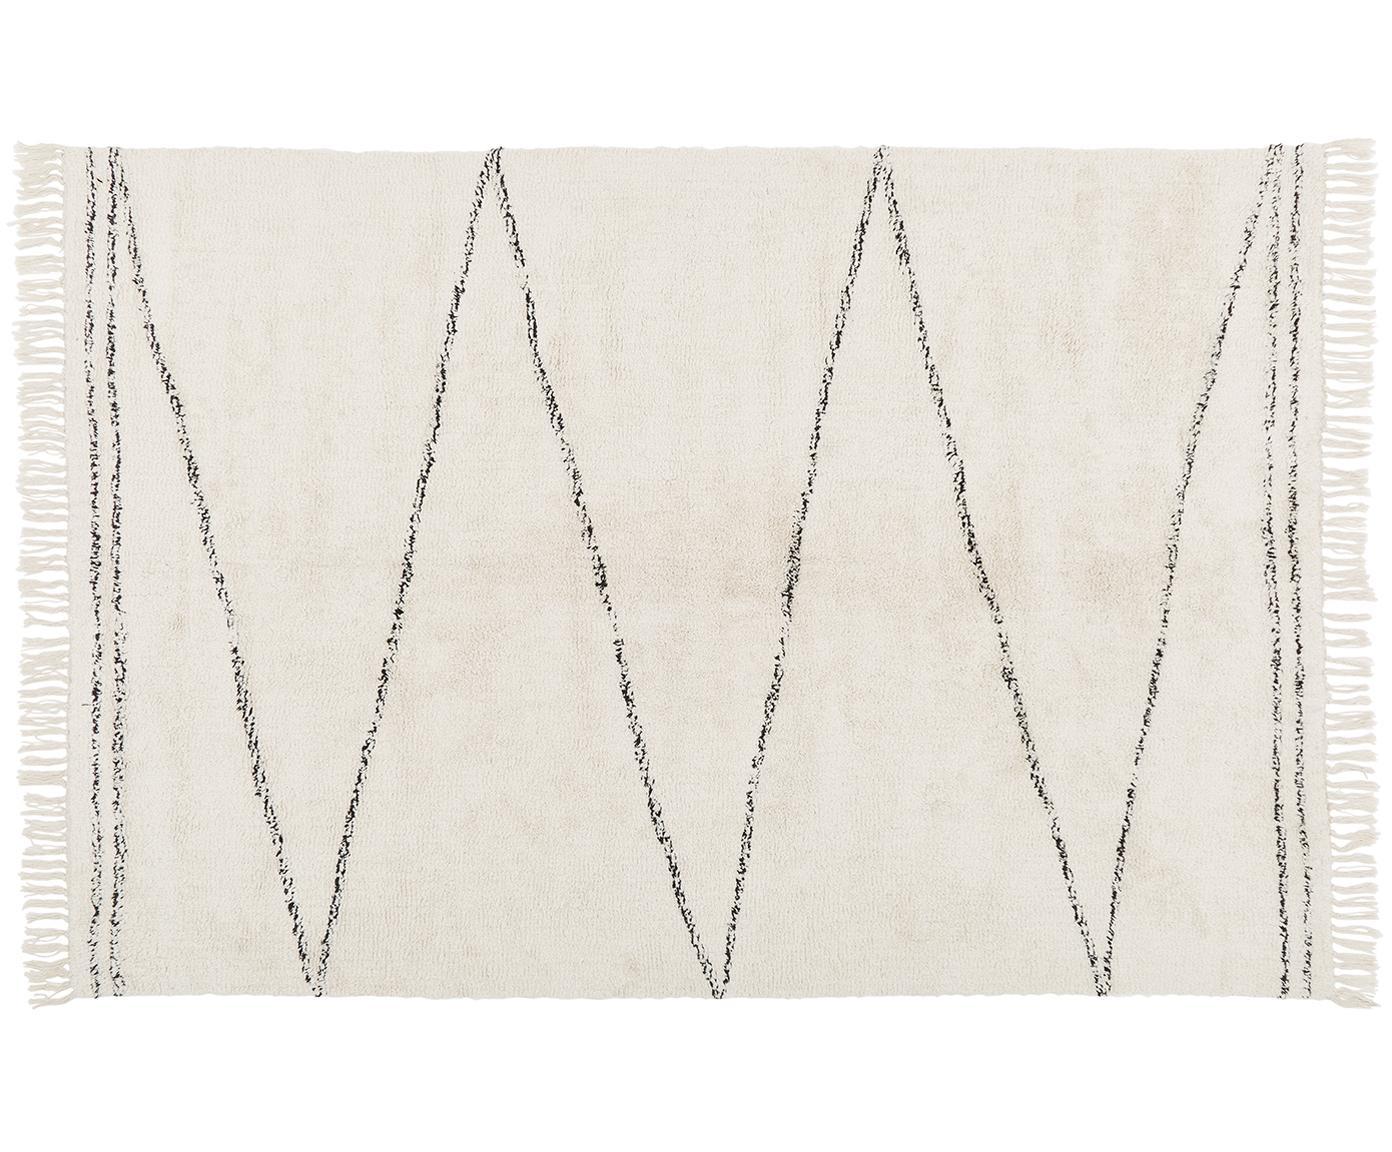 Tappeto Asisa in cotone taftato a mano con motivo a zigzag, Beige, nero, Larg. 160 x Lung. 230 cm (taglia M)